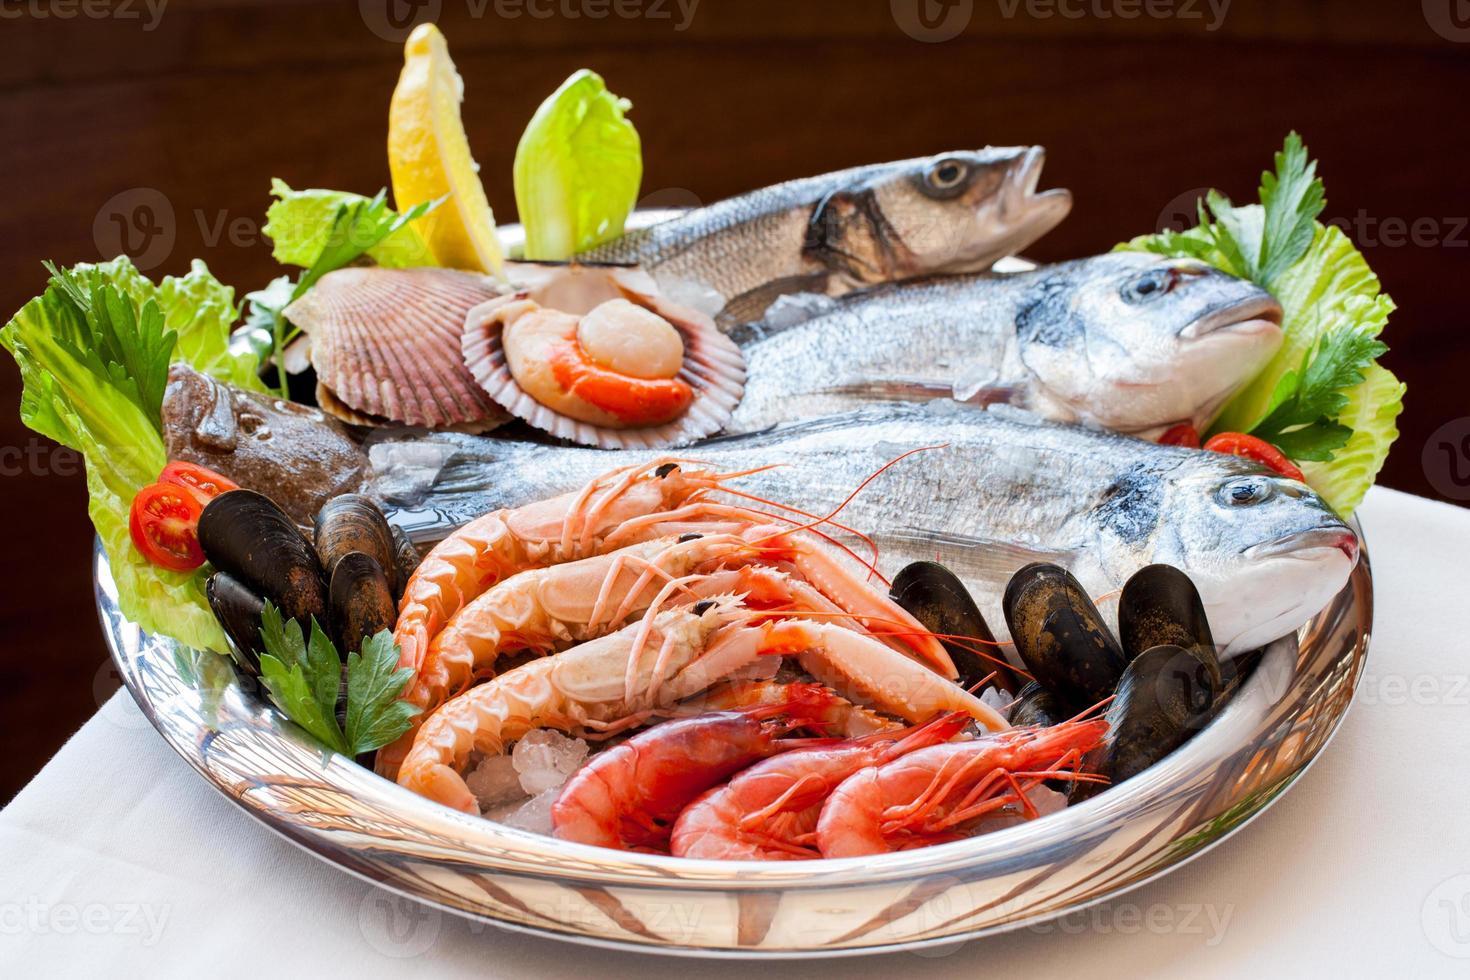 prato de frutos do mar apetitoso. foto